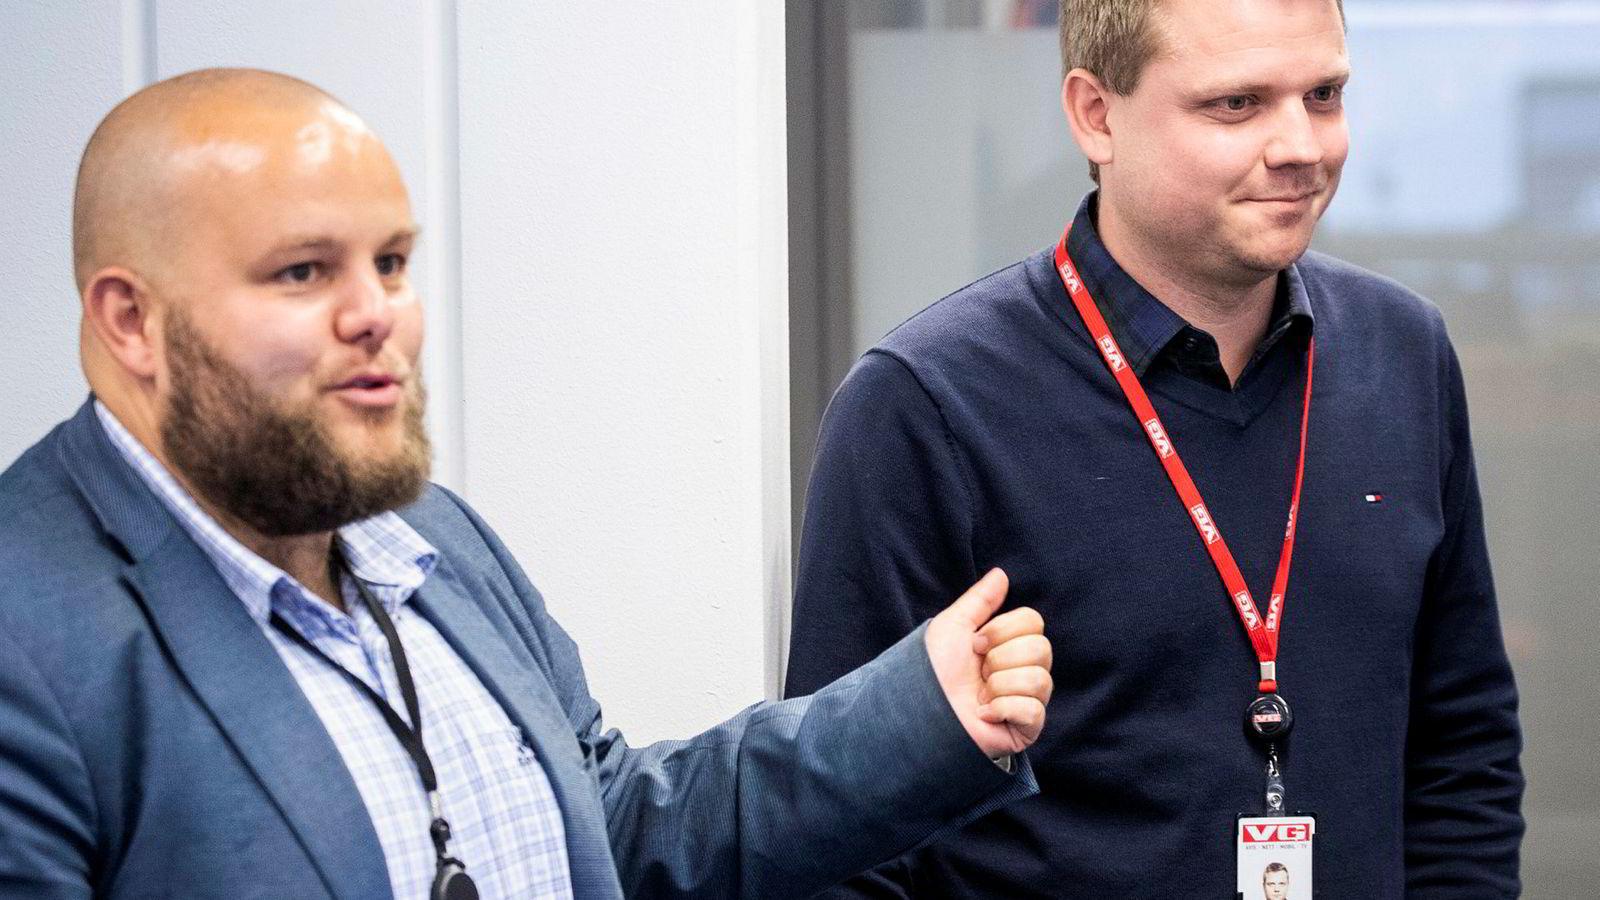 Lars Håkon Grønning blir introdusert som ny nyhetsredaktør i E24 av sjefredaktør Gard L. Michalsen.